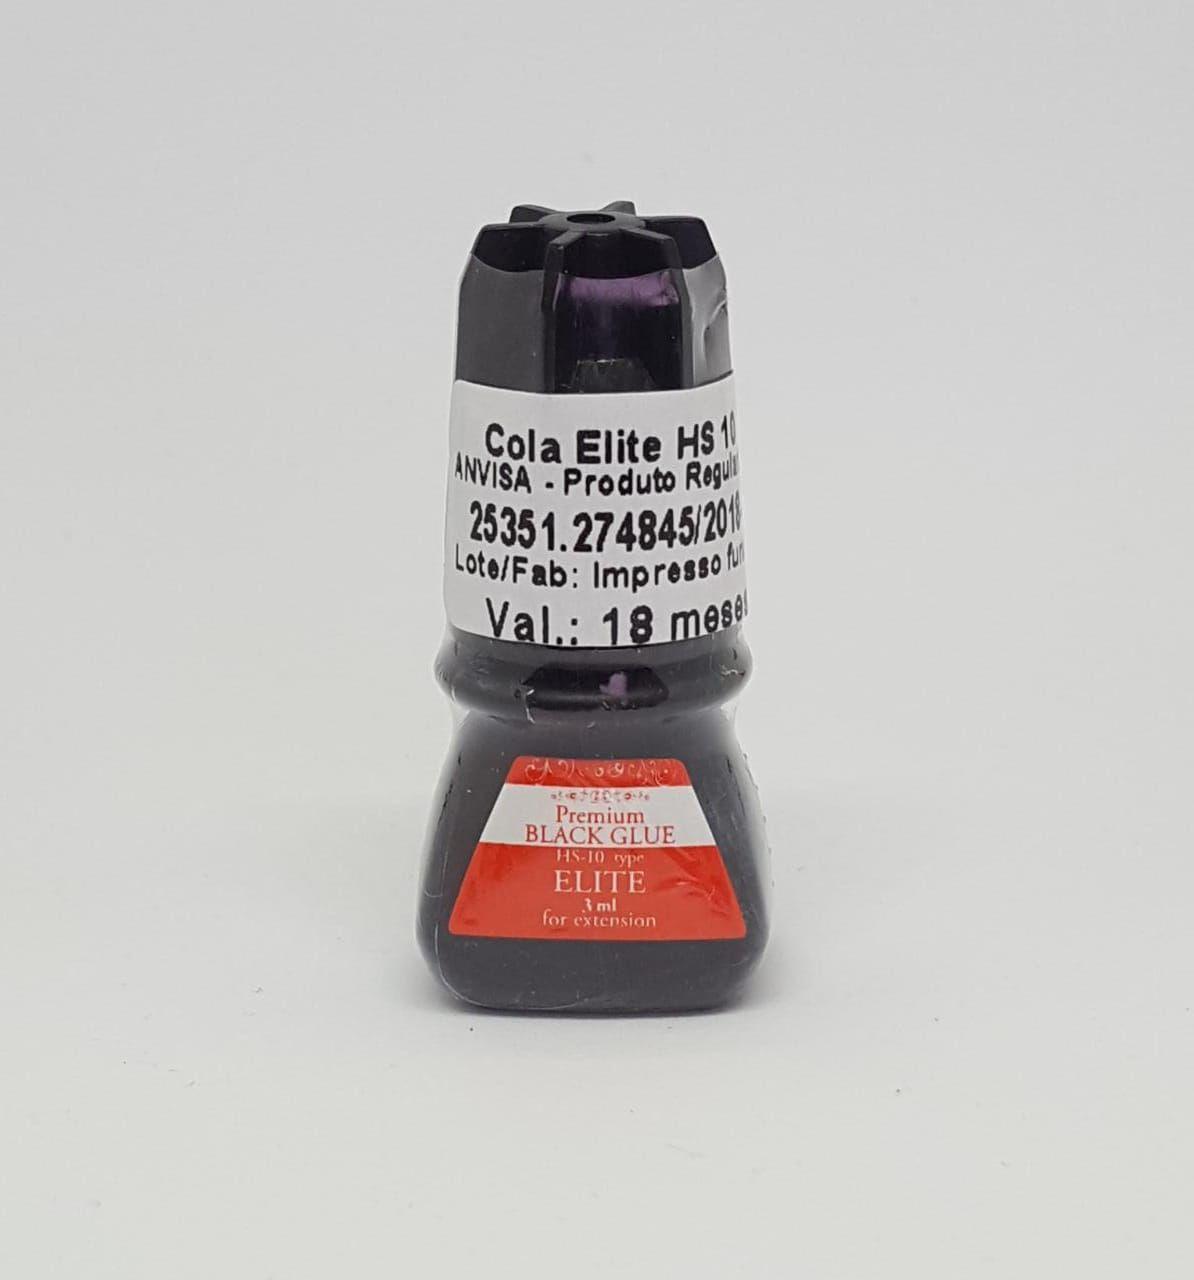 COLA ELITE GLUE HS 10 - 3 ML  - Misstética